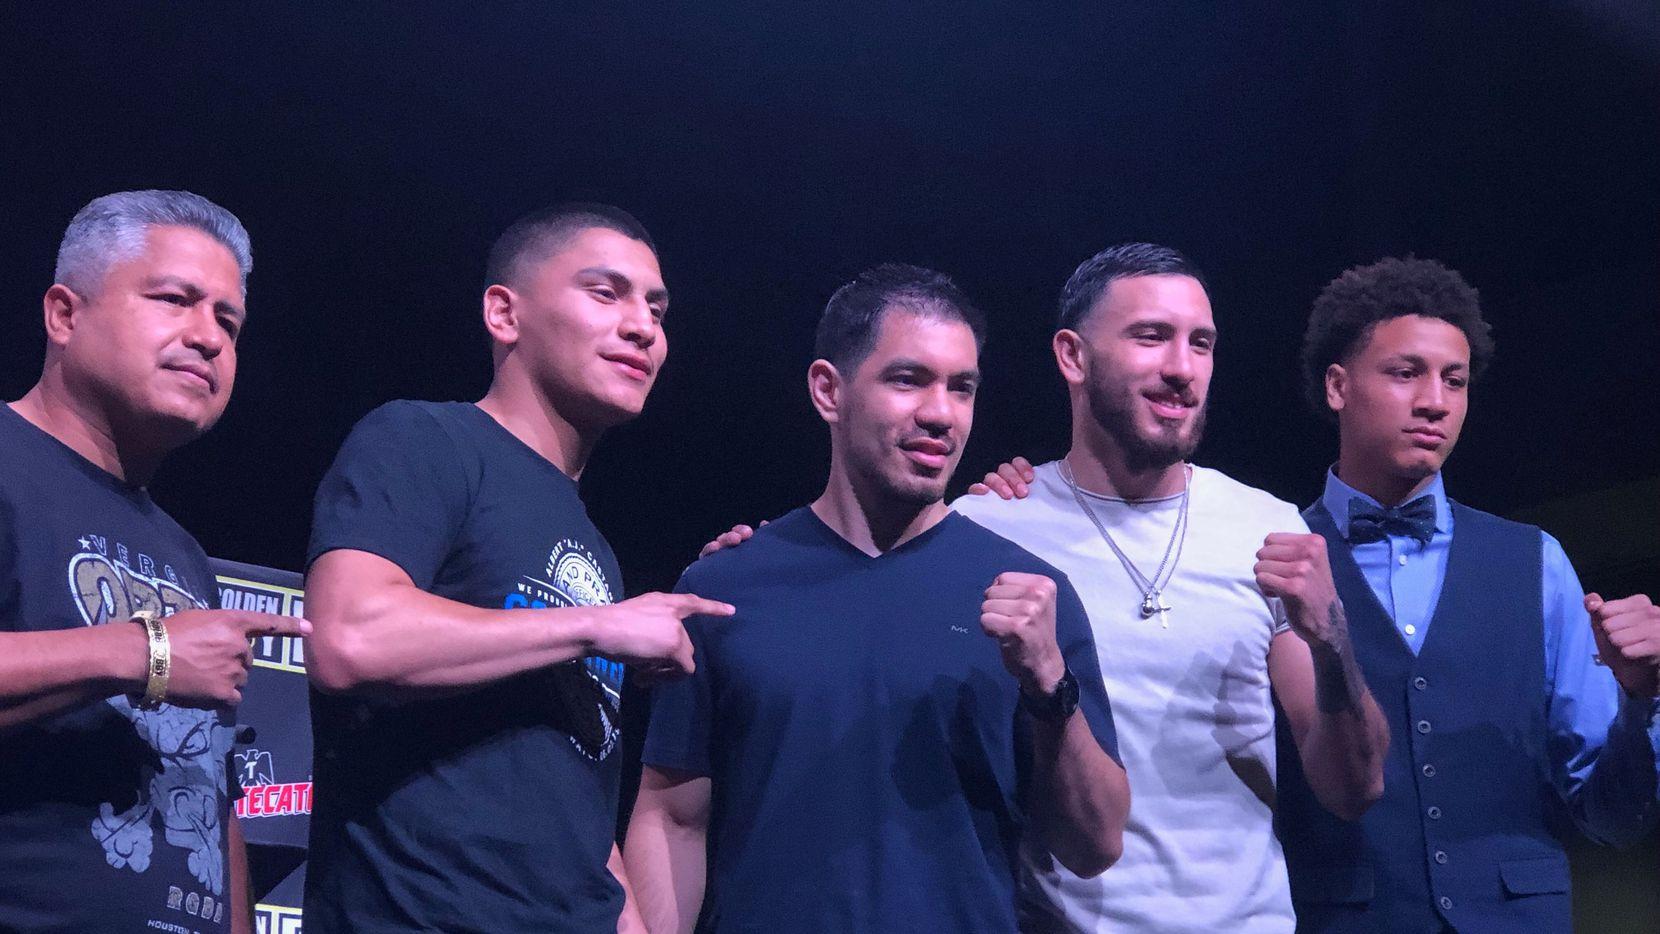 (De izq. a der.) El entrenador Roberto García junto a los púgiles Vergil Ortiz, George Rincón, Alex Rincón y Tristan Kalkreuth.